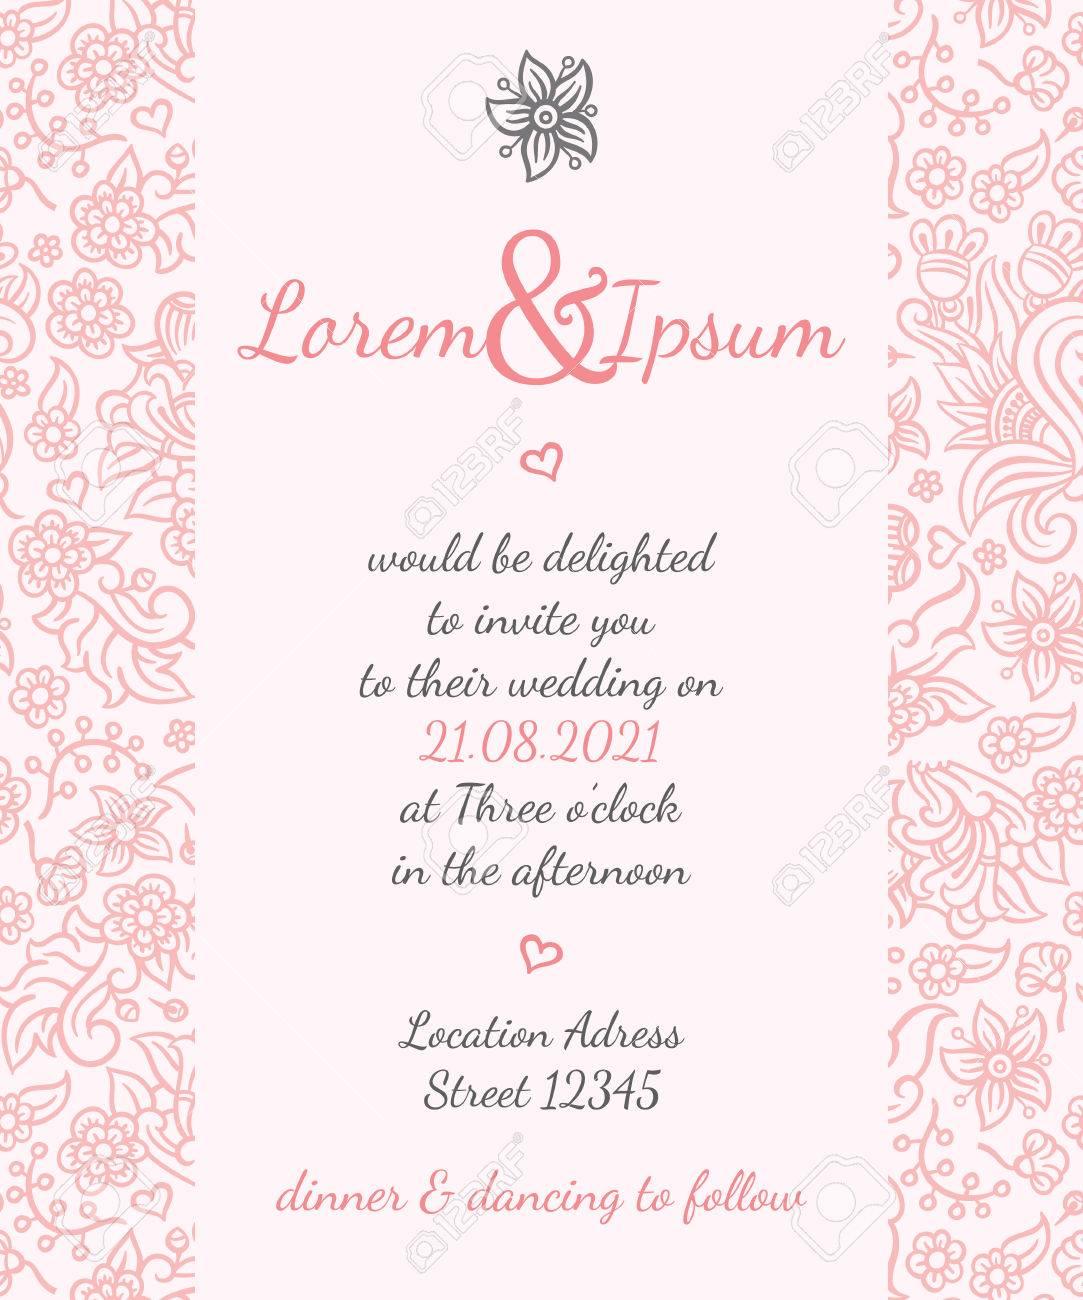 modele de vecteur de carte de mariage d invitation pour des invitations des depliants des cartes postales des cartes et ainsi de suite